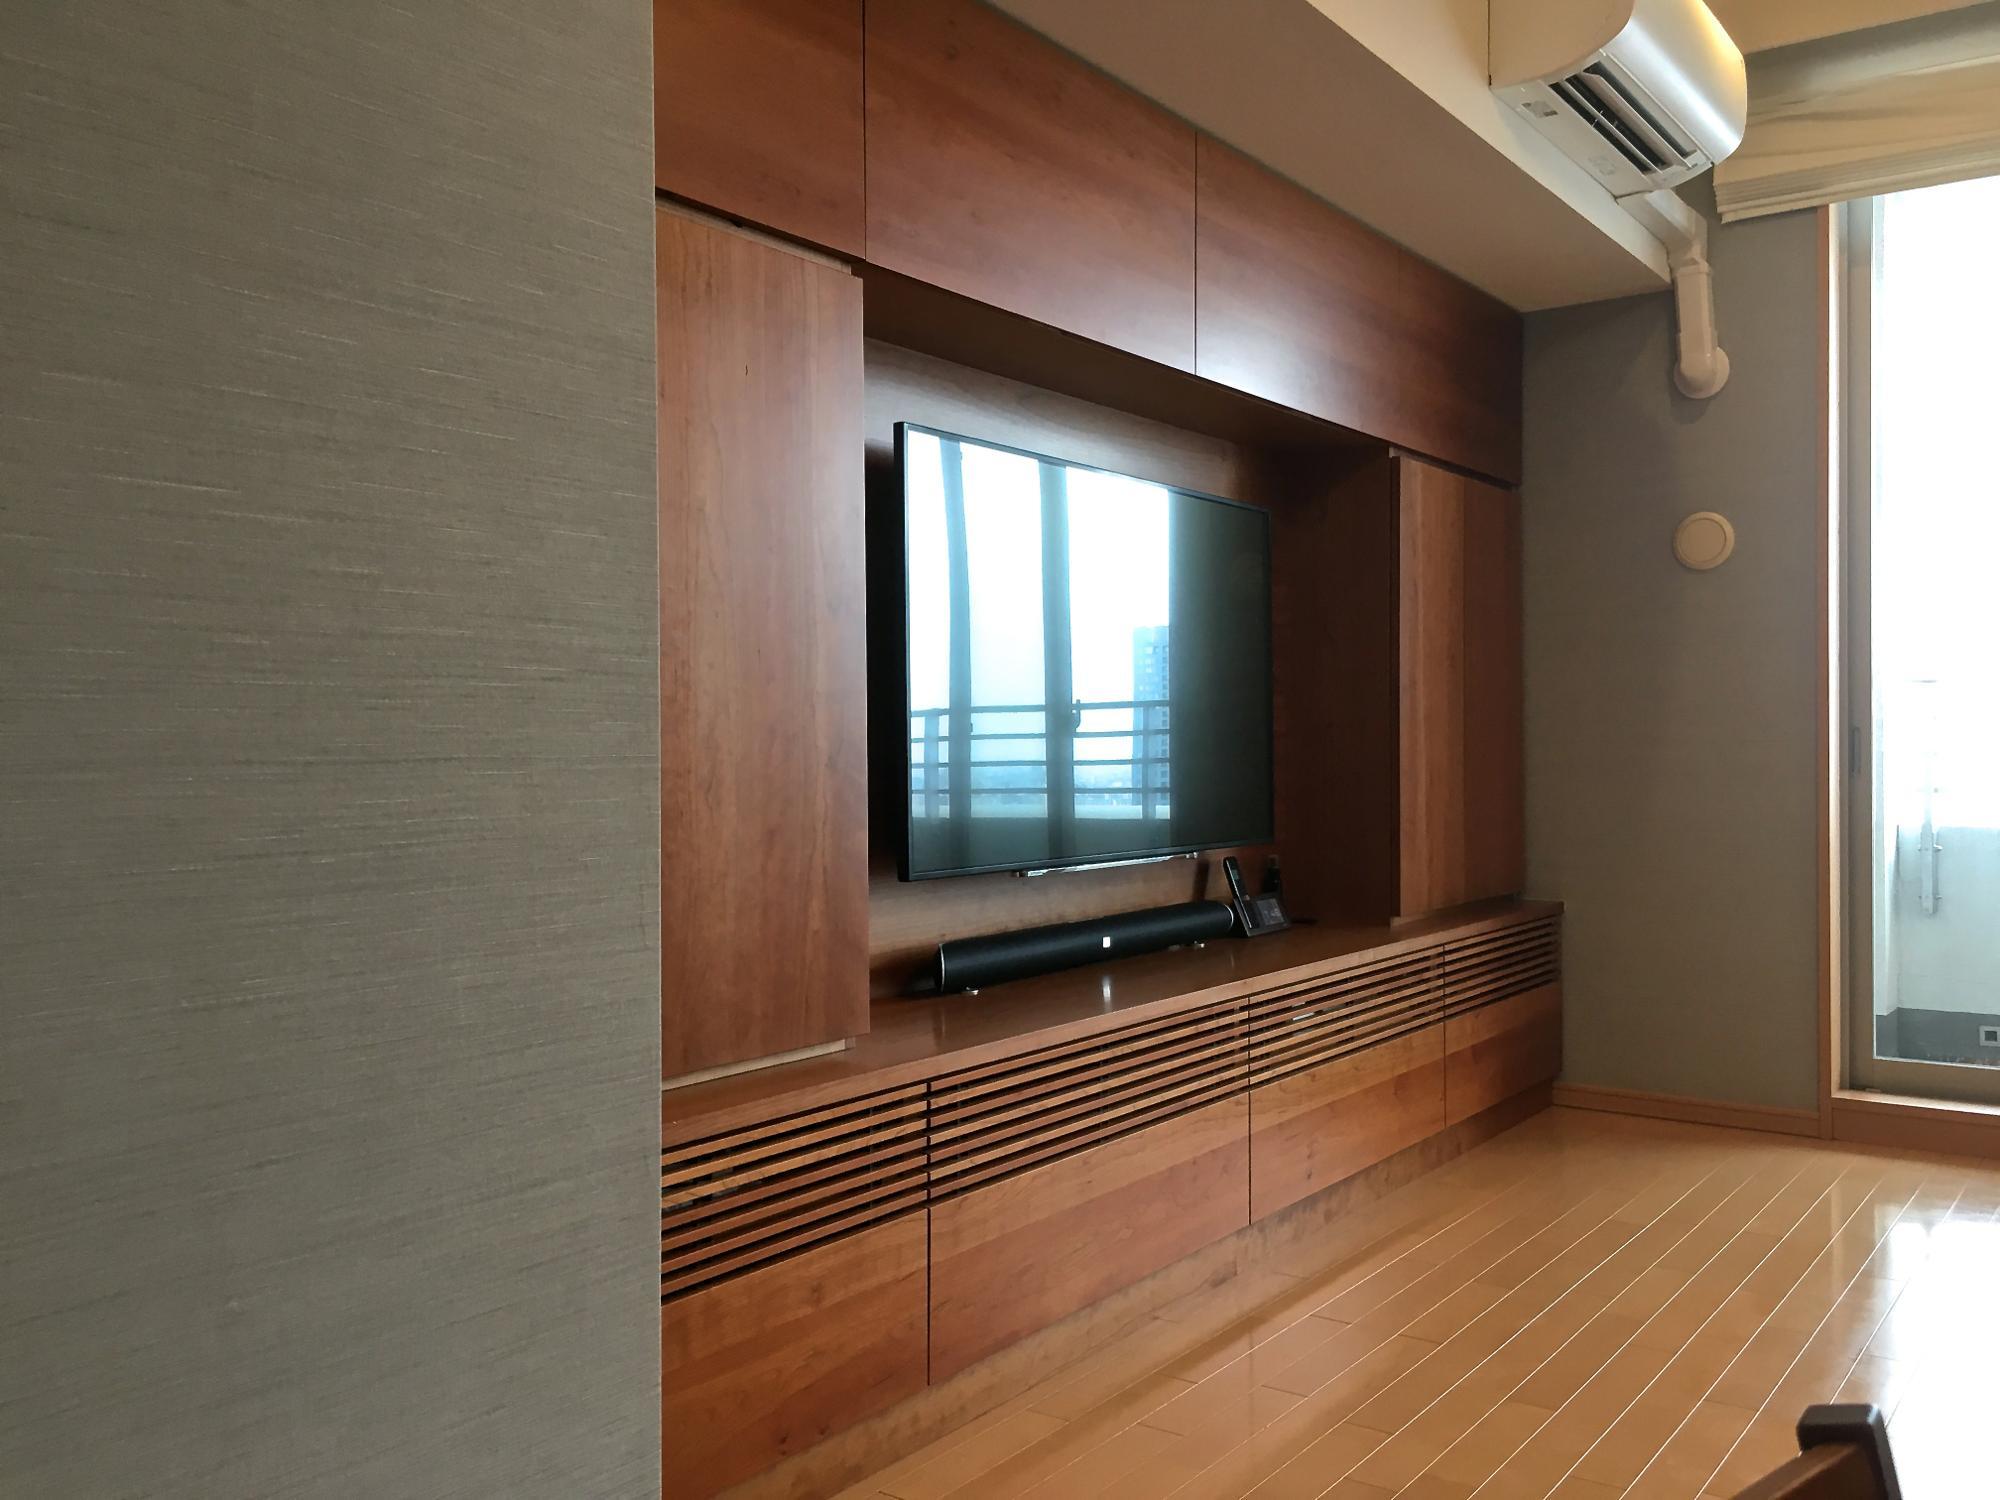 壁面収納 東京 オーダー家具